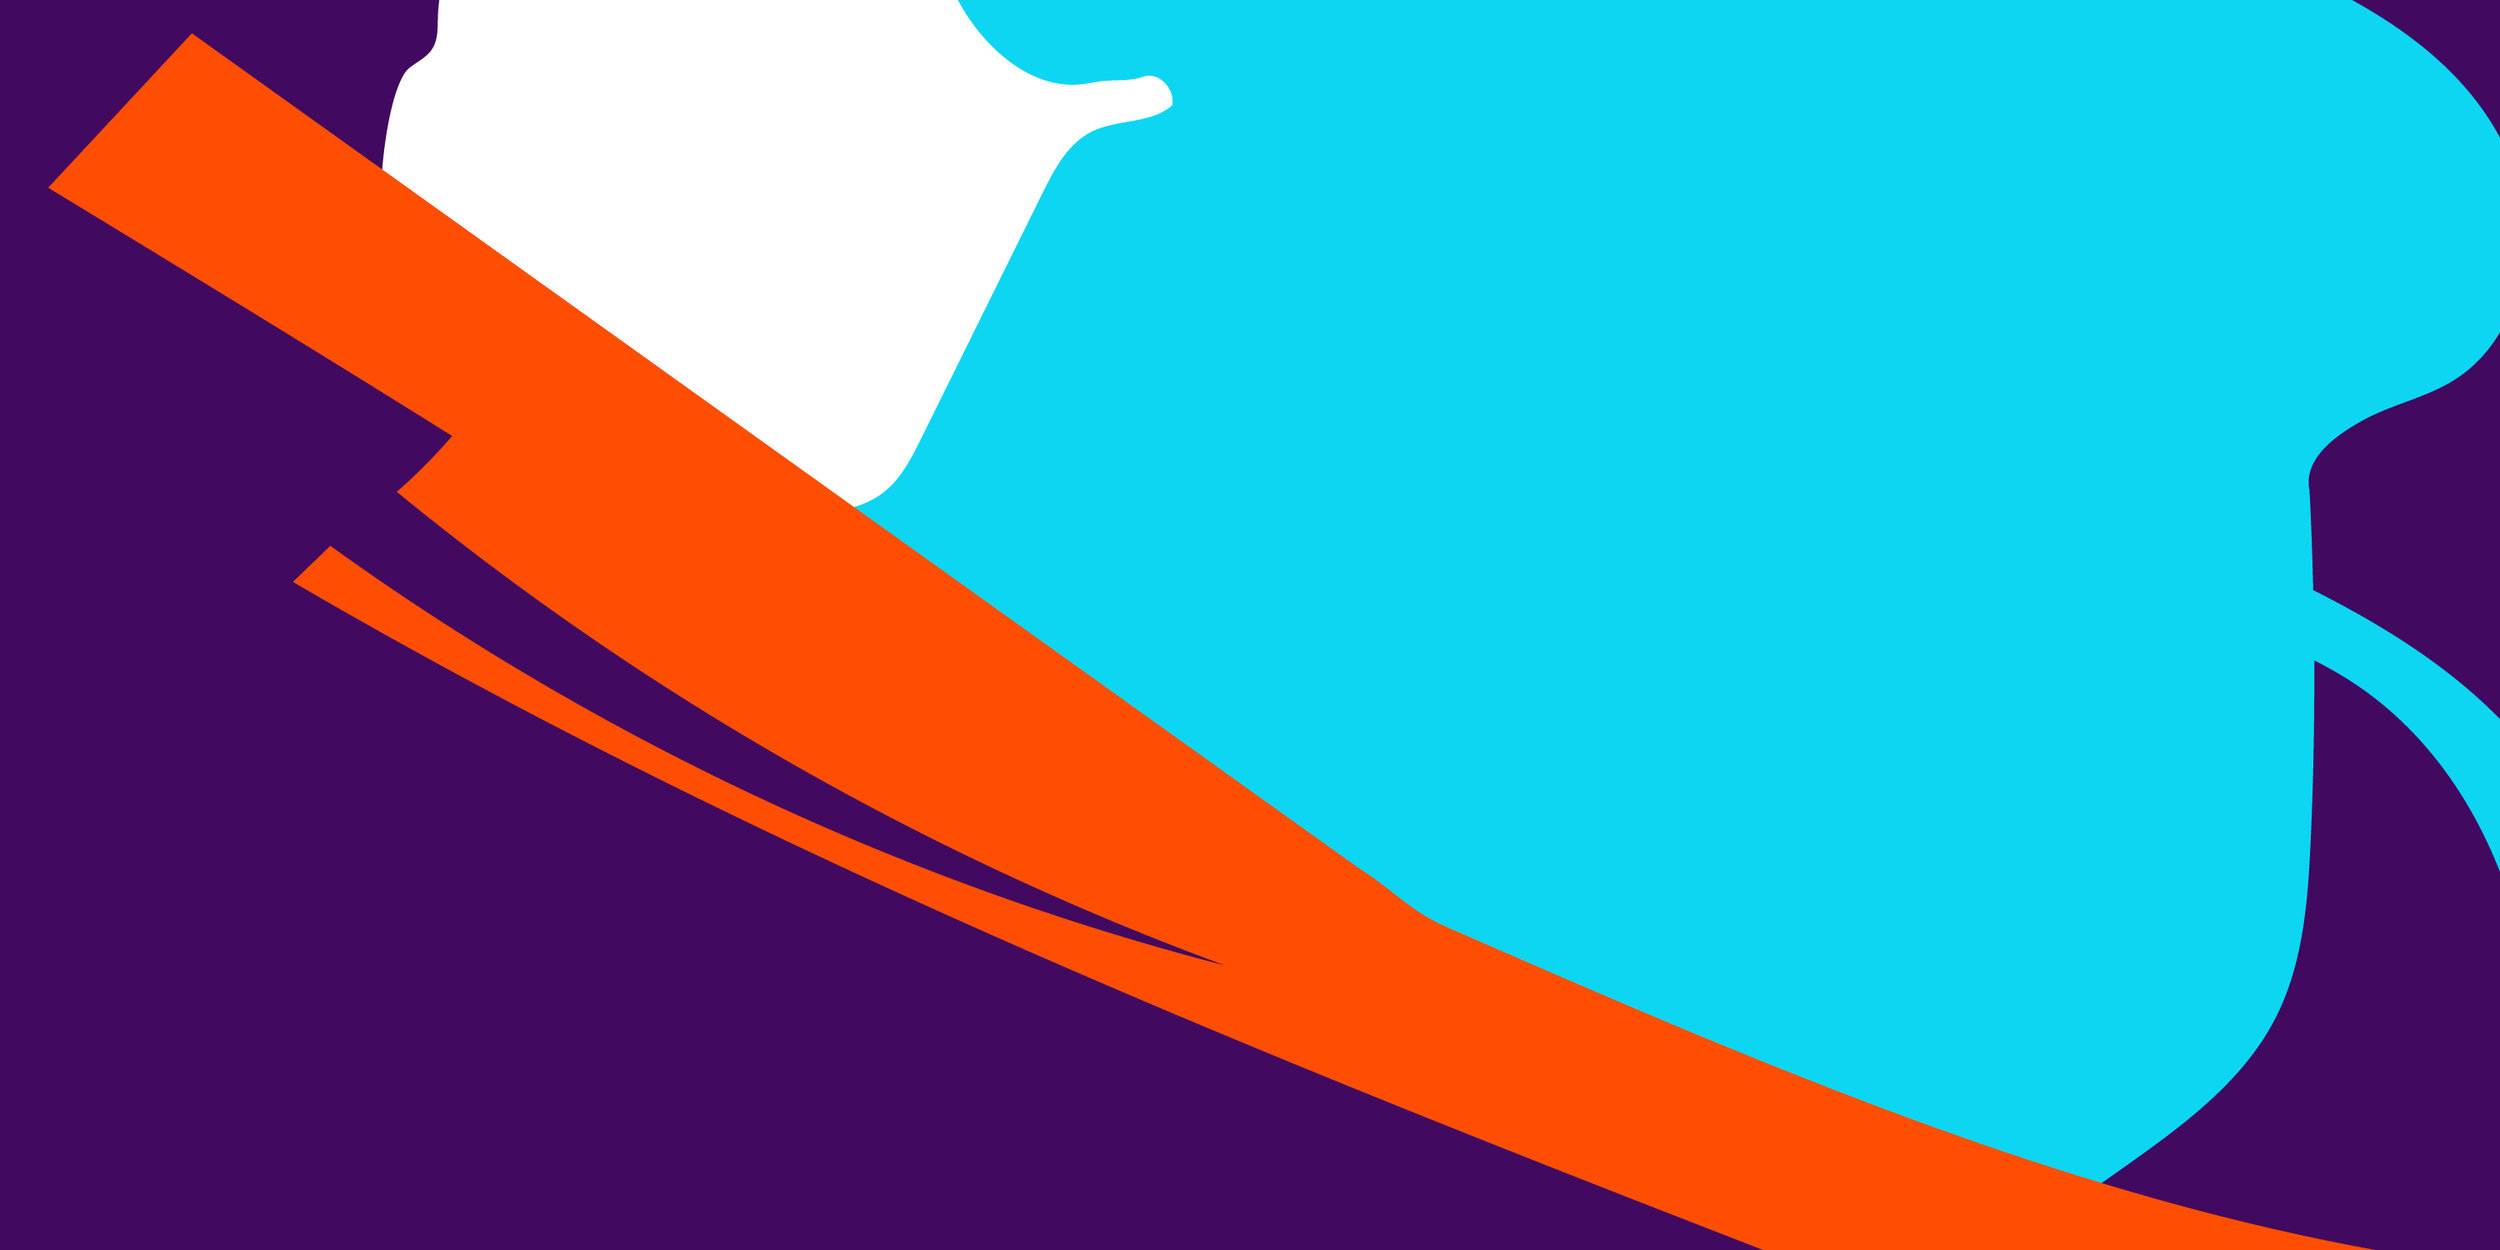 OFG_pattern01.jpg